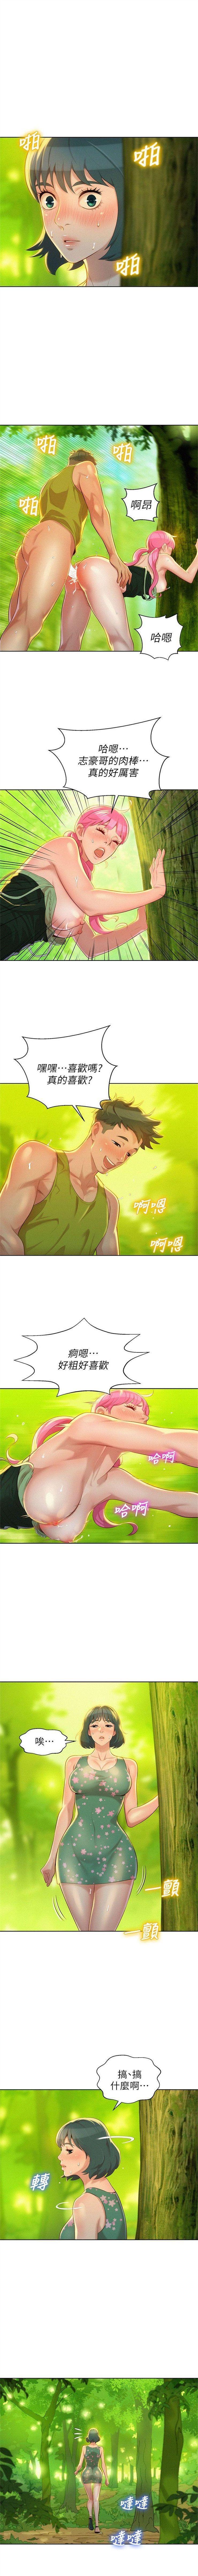 (周7)漂亮干姐姐  1-79 中文翻译 (更新中) 98